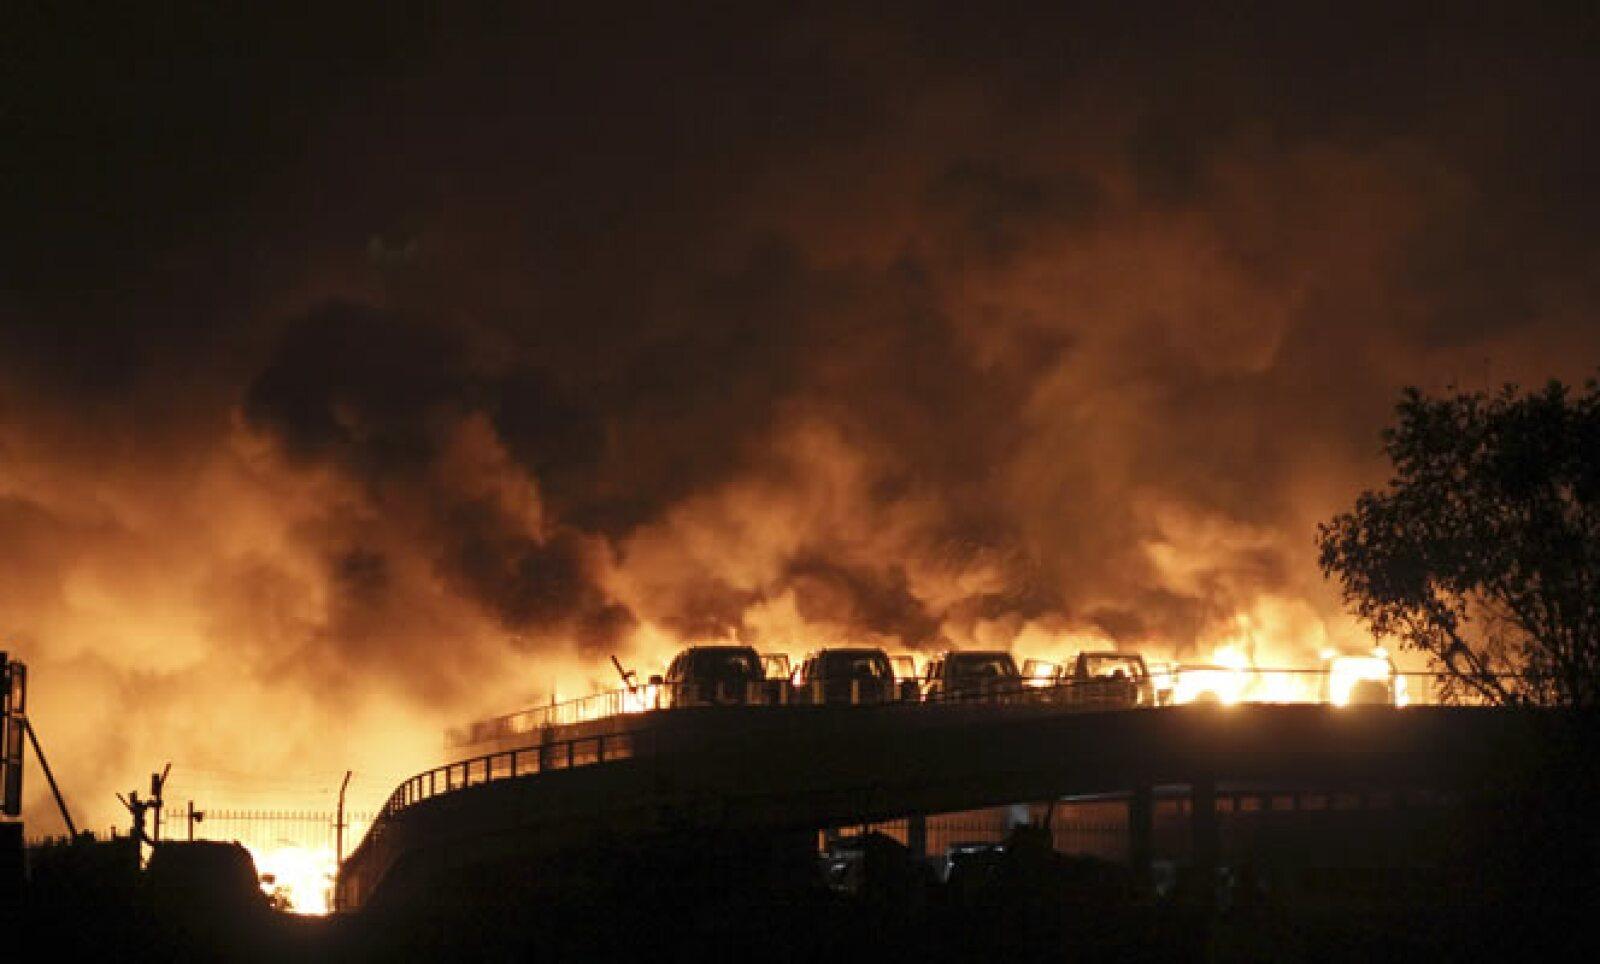 El incendio se originó por una carga de explosivos en un almacén de la zona portuaria, según medios de comunicación oficiales.